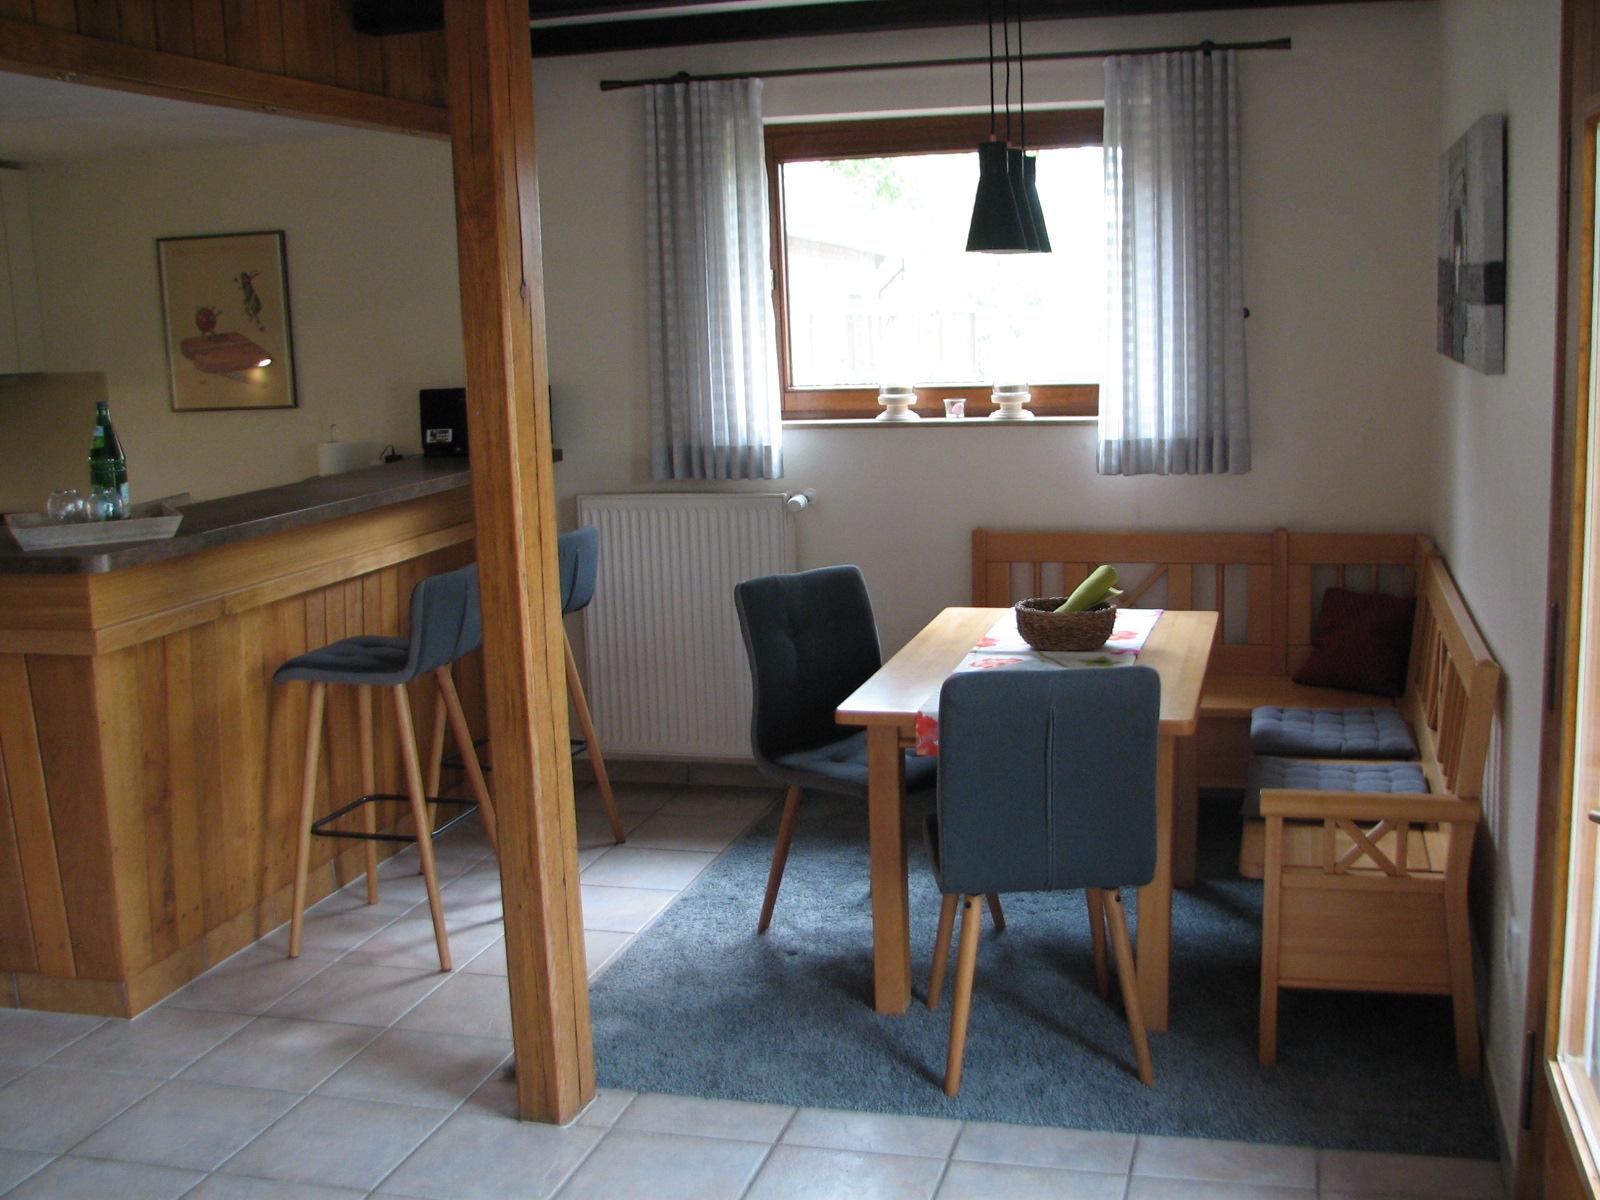 Ferienhaus Am Kibben Himmel, (Lienen). Ferienhaus  Ferienhaus  Münsterland